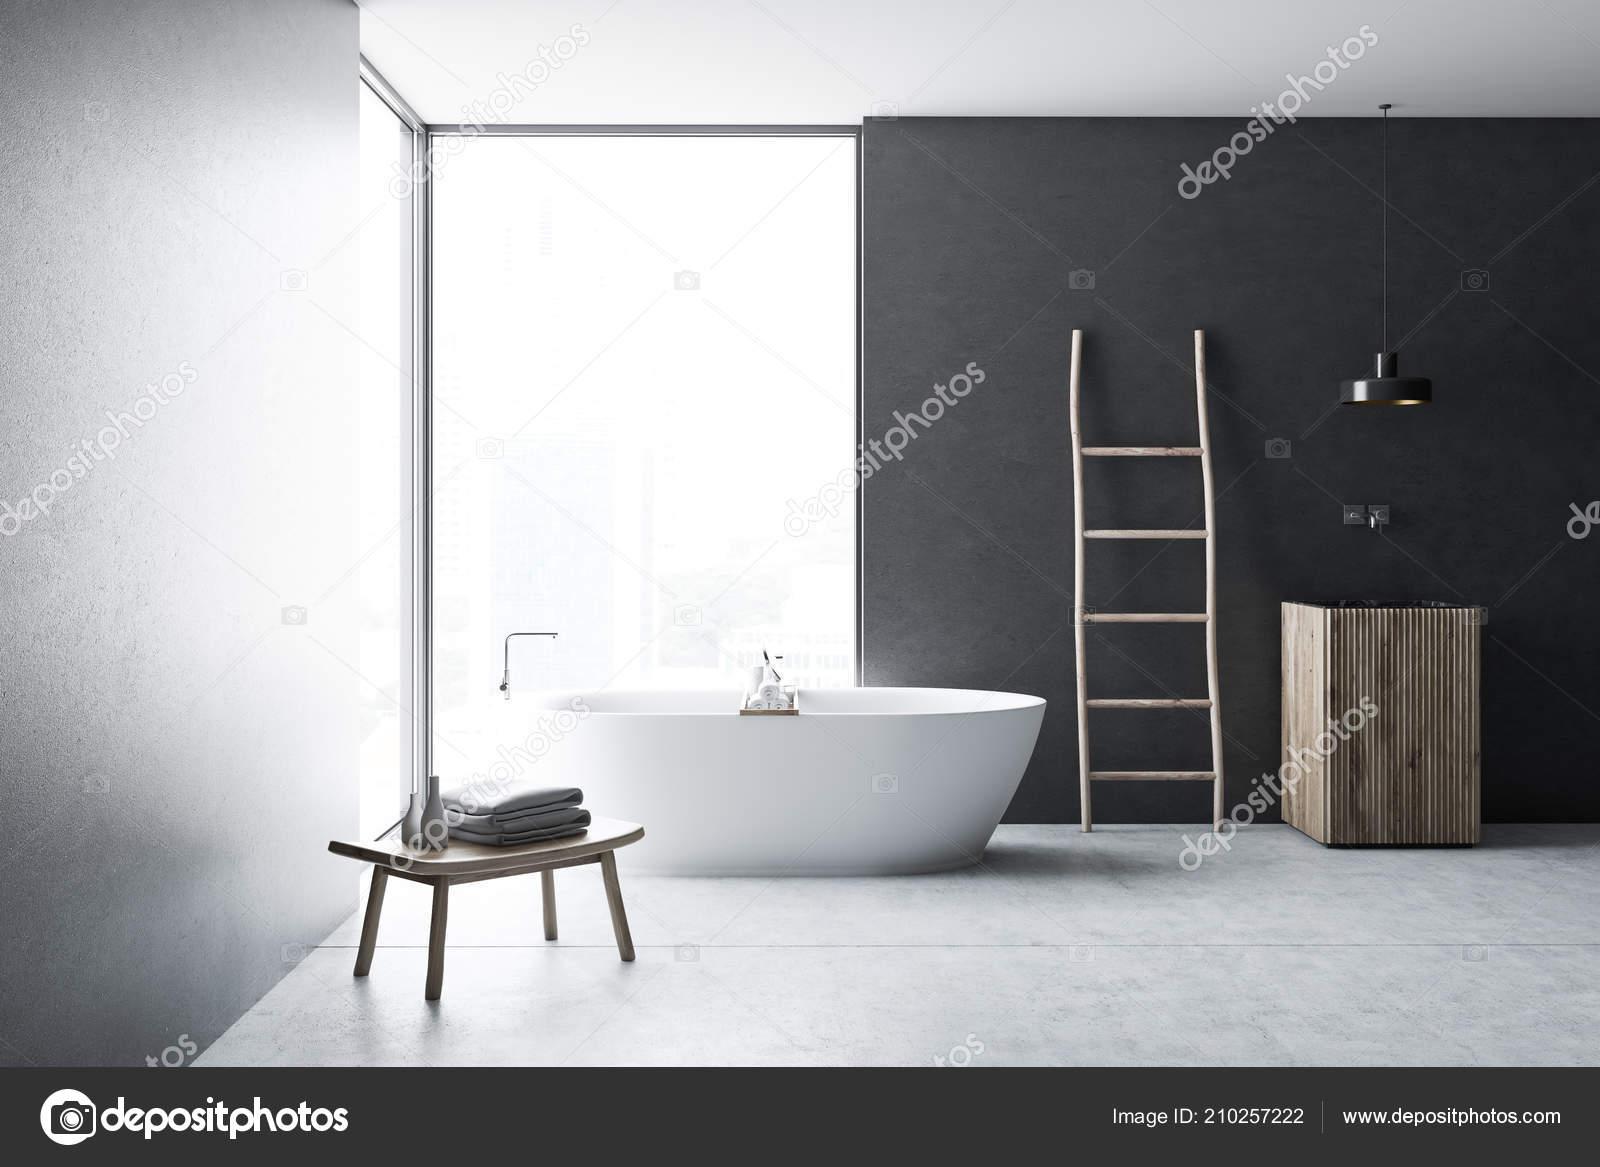 moderne graue wand badezimmer interieur mit betonboden loft fenster leiter holz waschbecken und badewanne wellness hotel und luxus immobilien